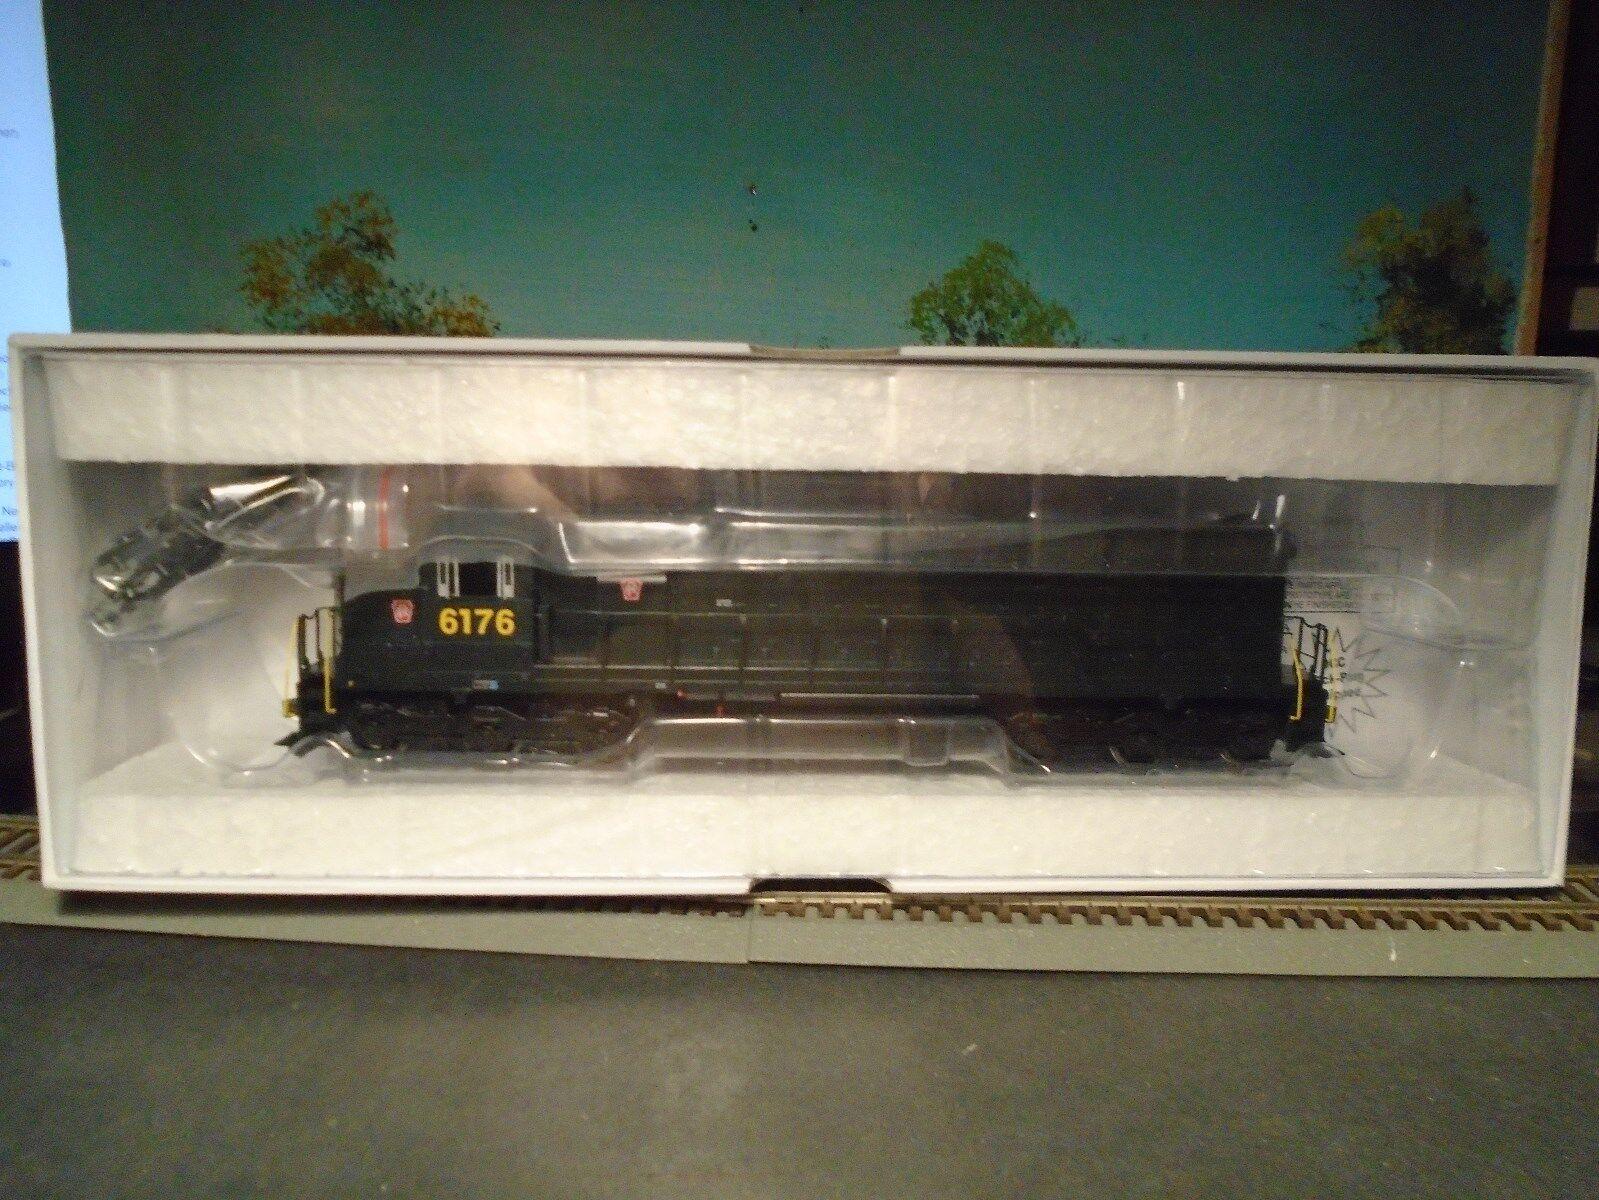 Escala Ho Athearn listo para correr  95404 405 SD45 Pennsylvania Railroad  6176 6182